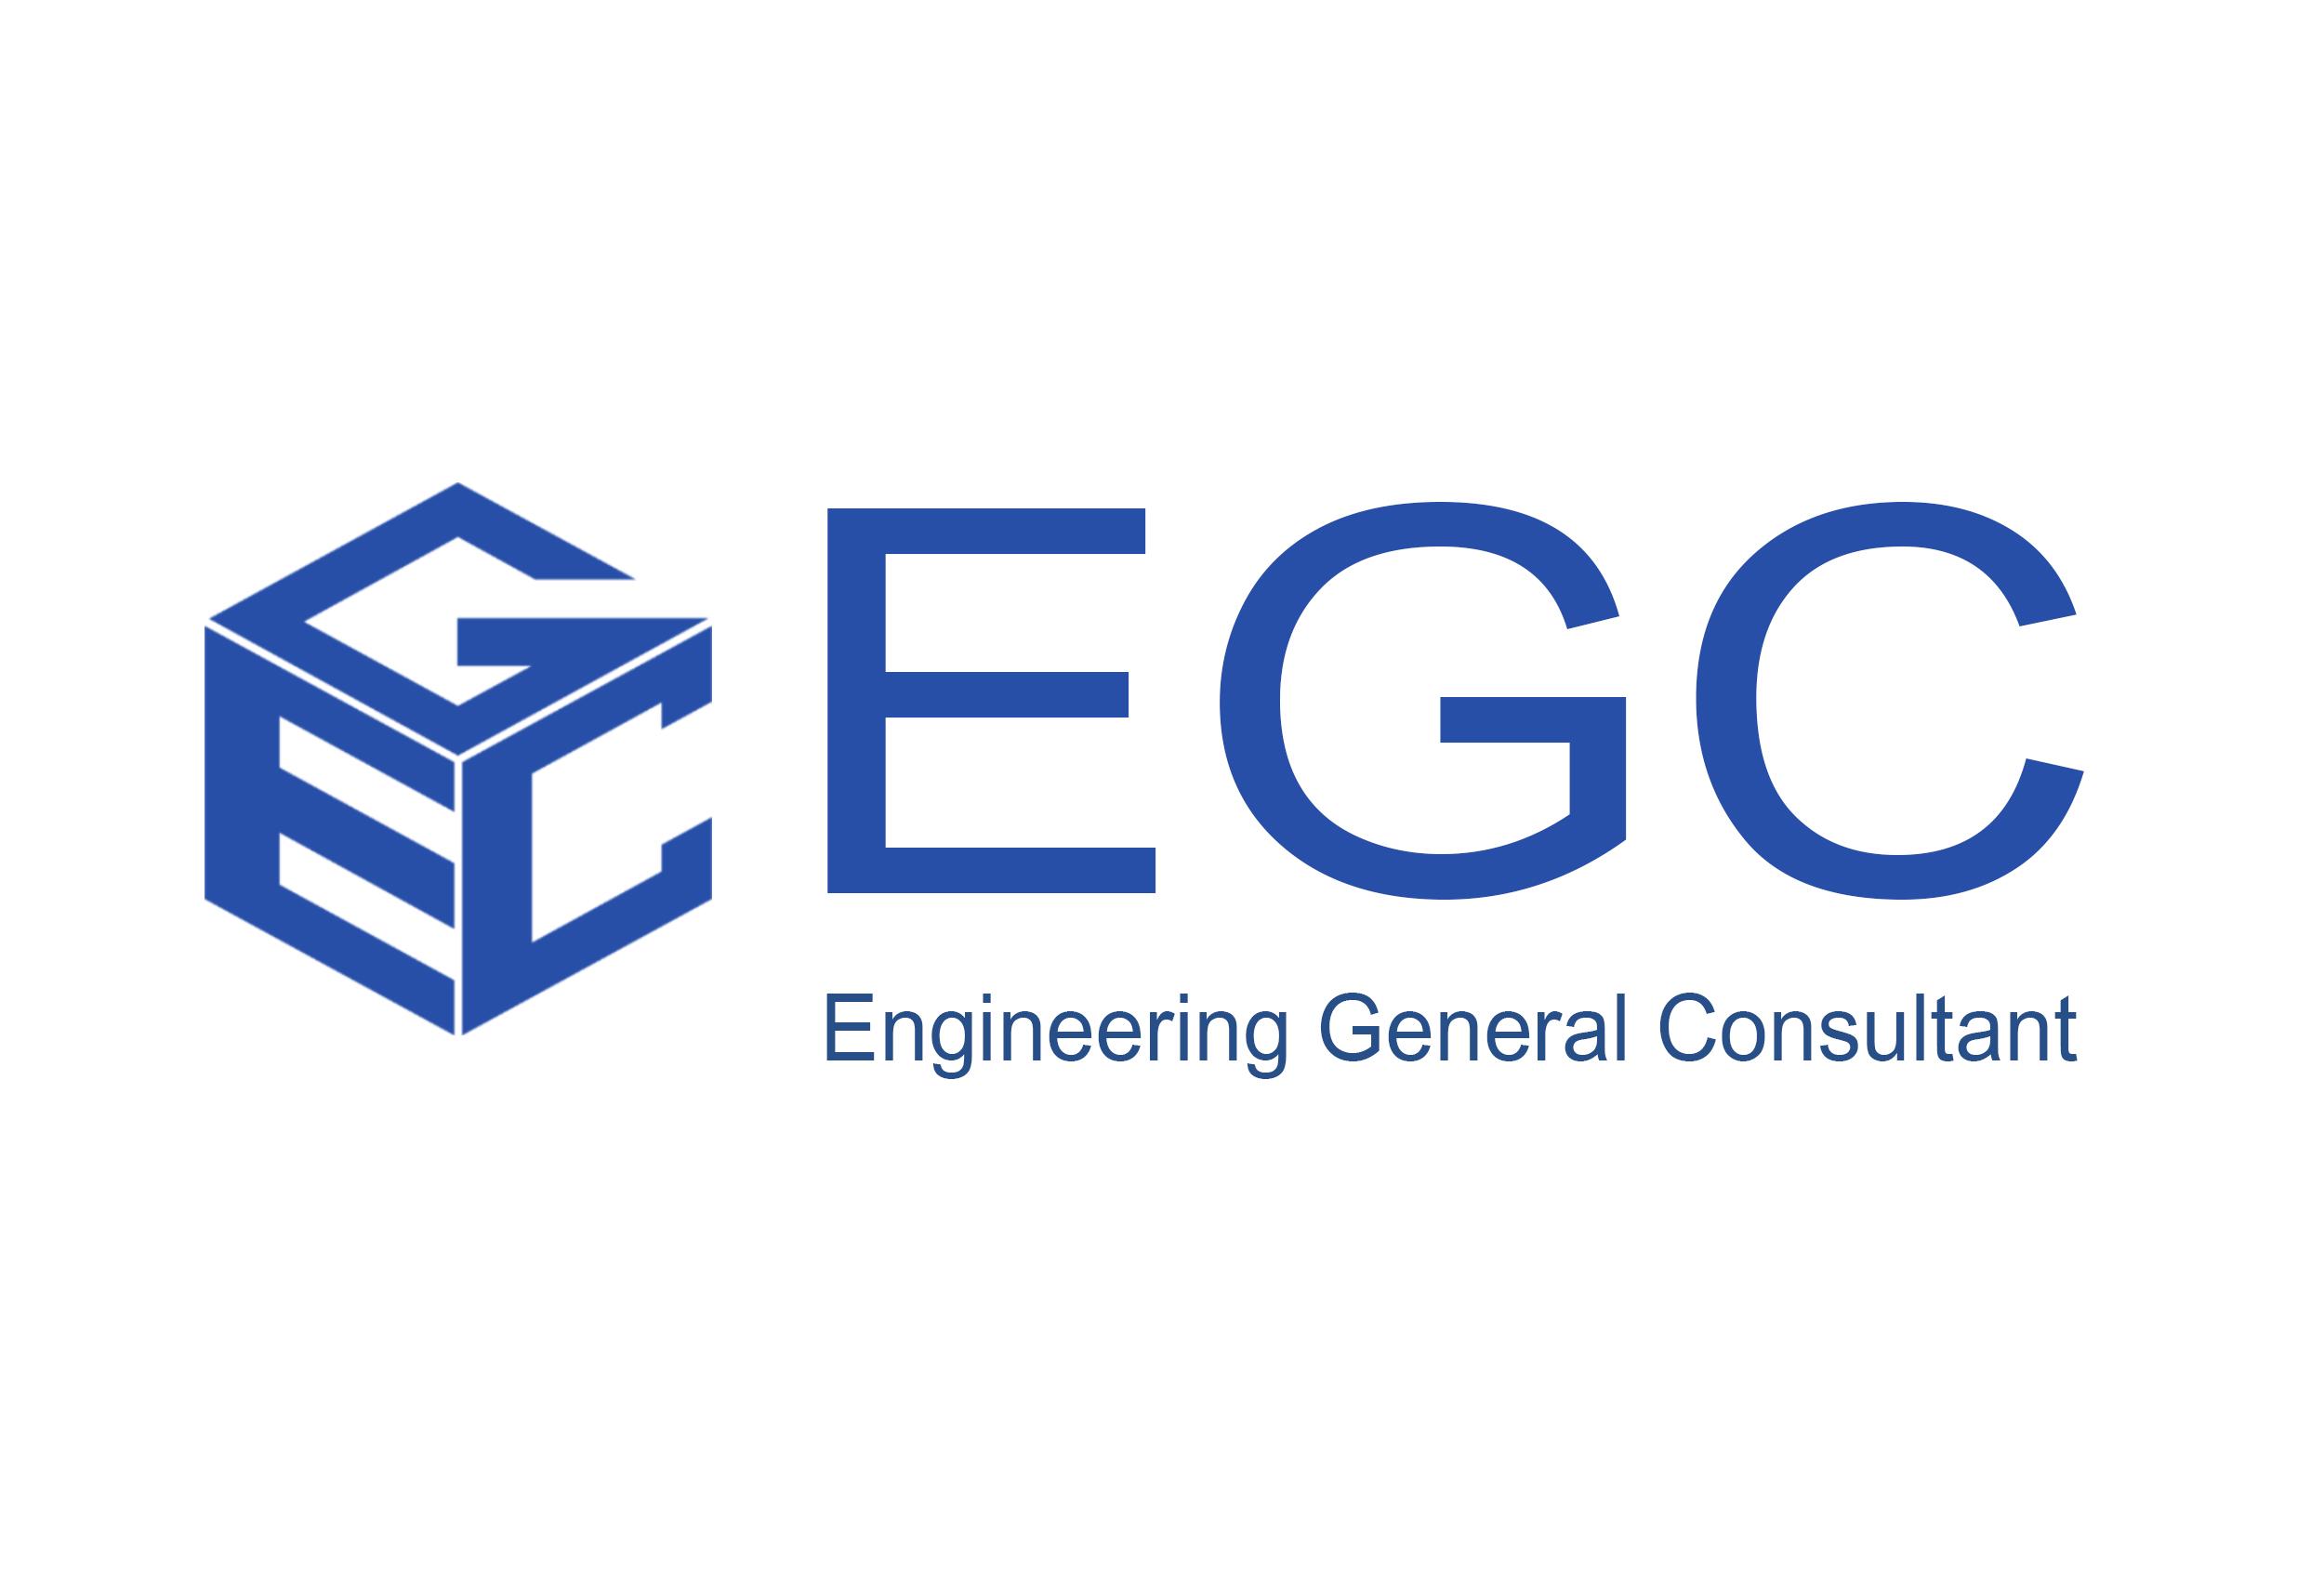 CÔNG NGHIỆP PHỤ TRỢ EGC